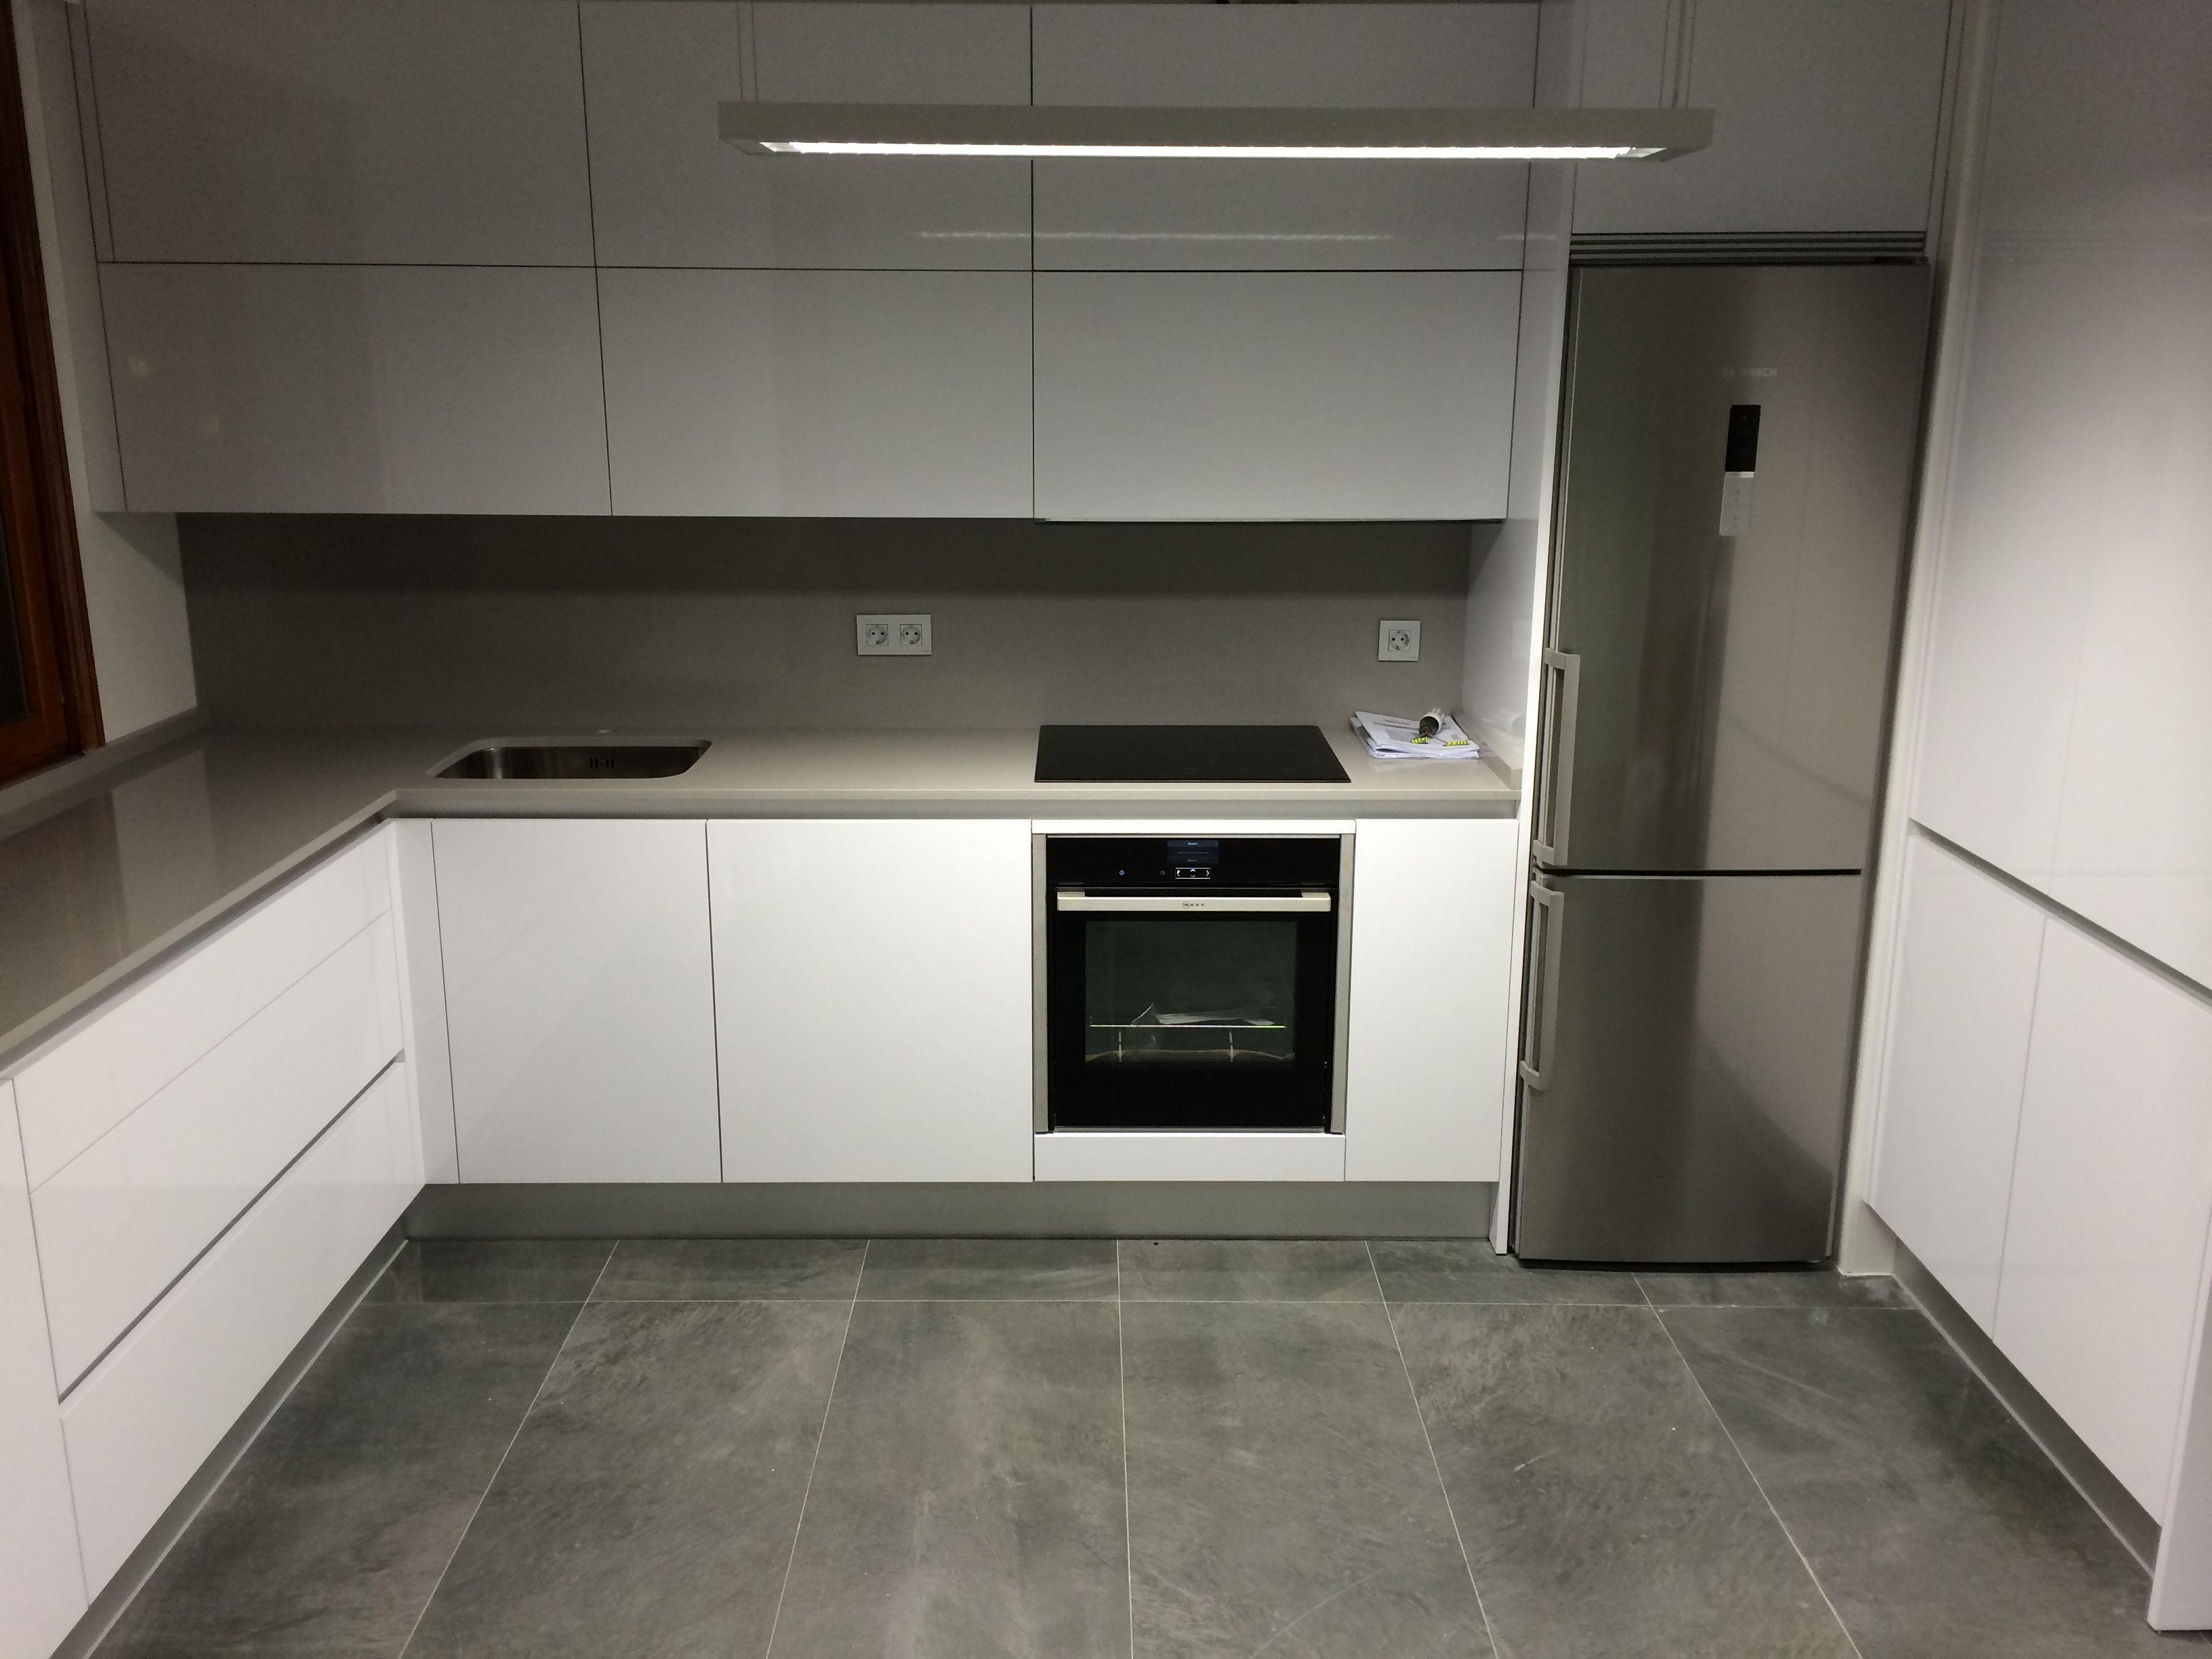 Cocina moderna blanca y solo gris oscuro. | Cocinas modernas ...